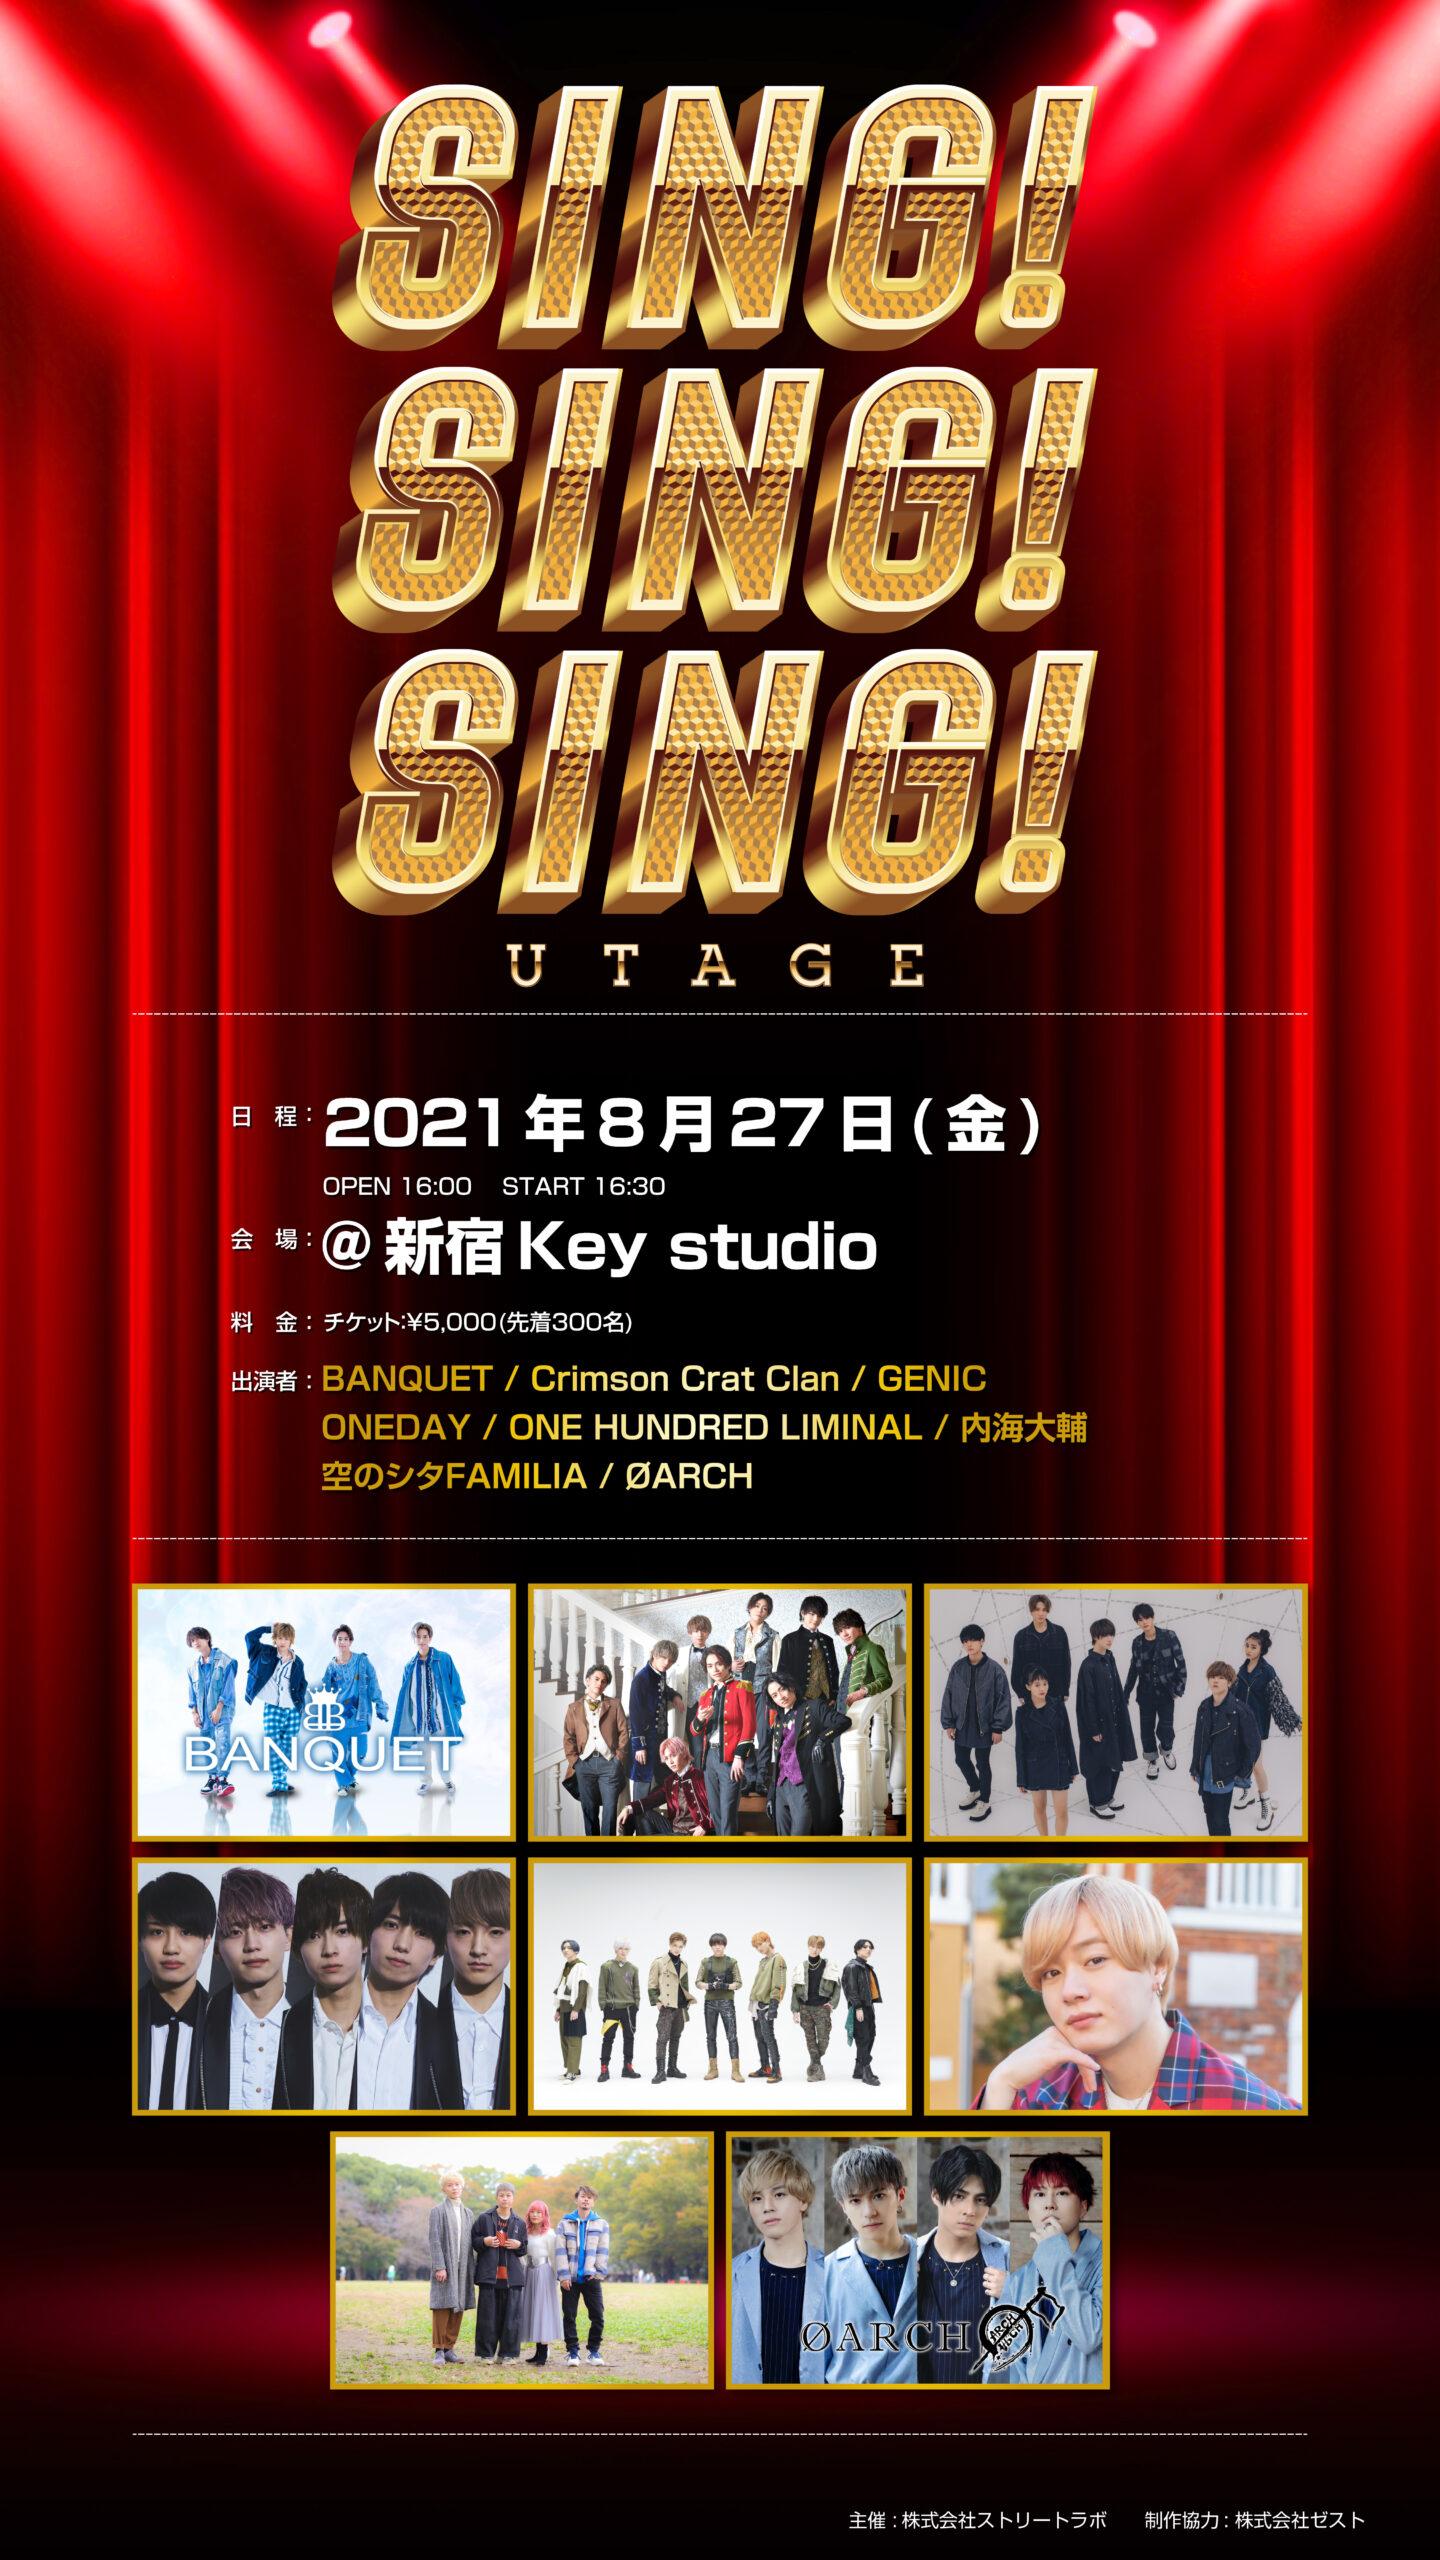 UTAGE SING SING!SING! vol.5